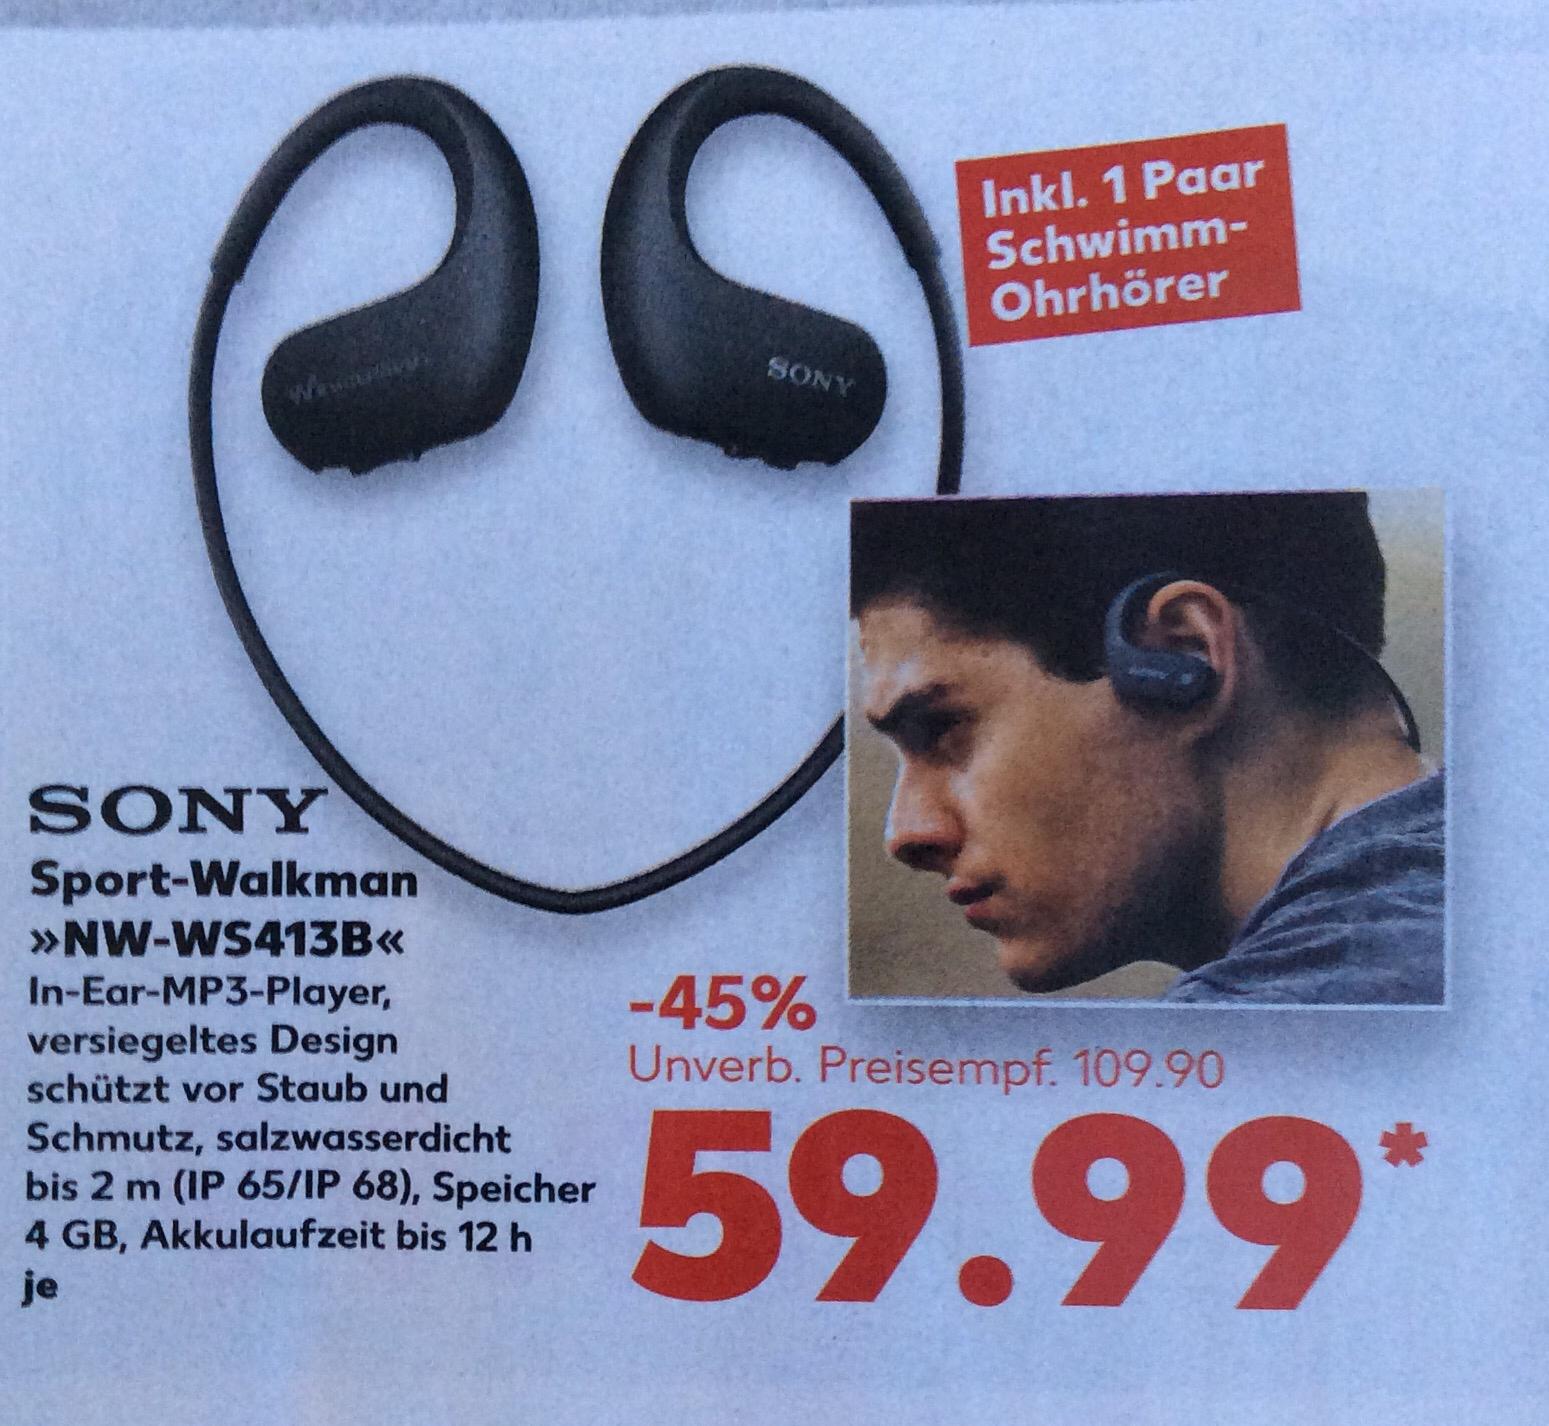 [offline] Sony NW-WS413B Sport-Walkman 4GB @ Kaufland